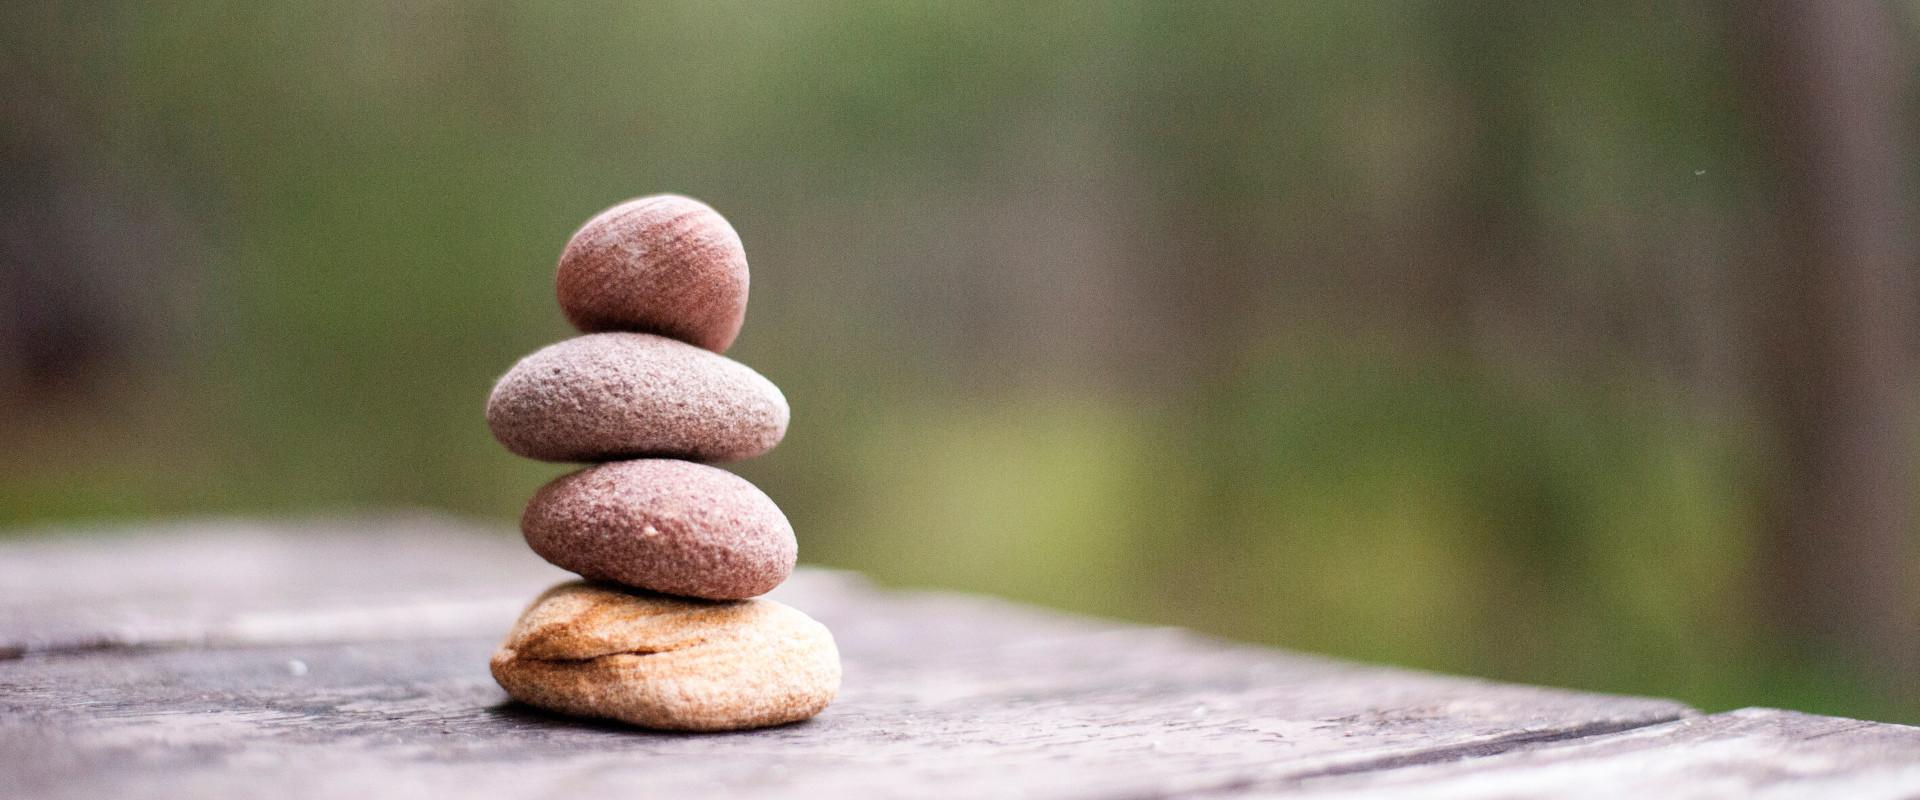 17 Handige mindfulness oefeningen voor elk moment van de dag